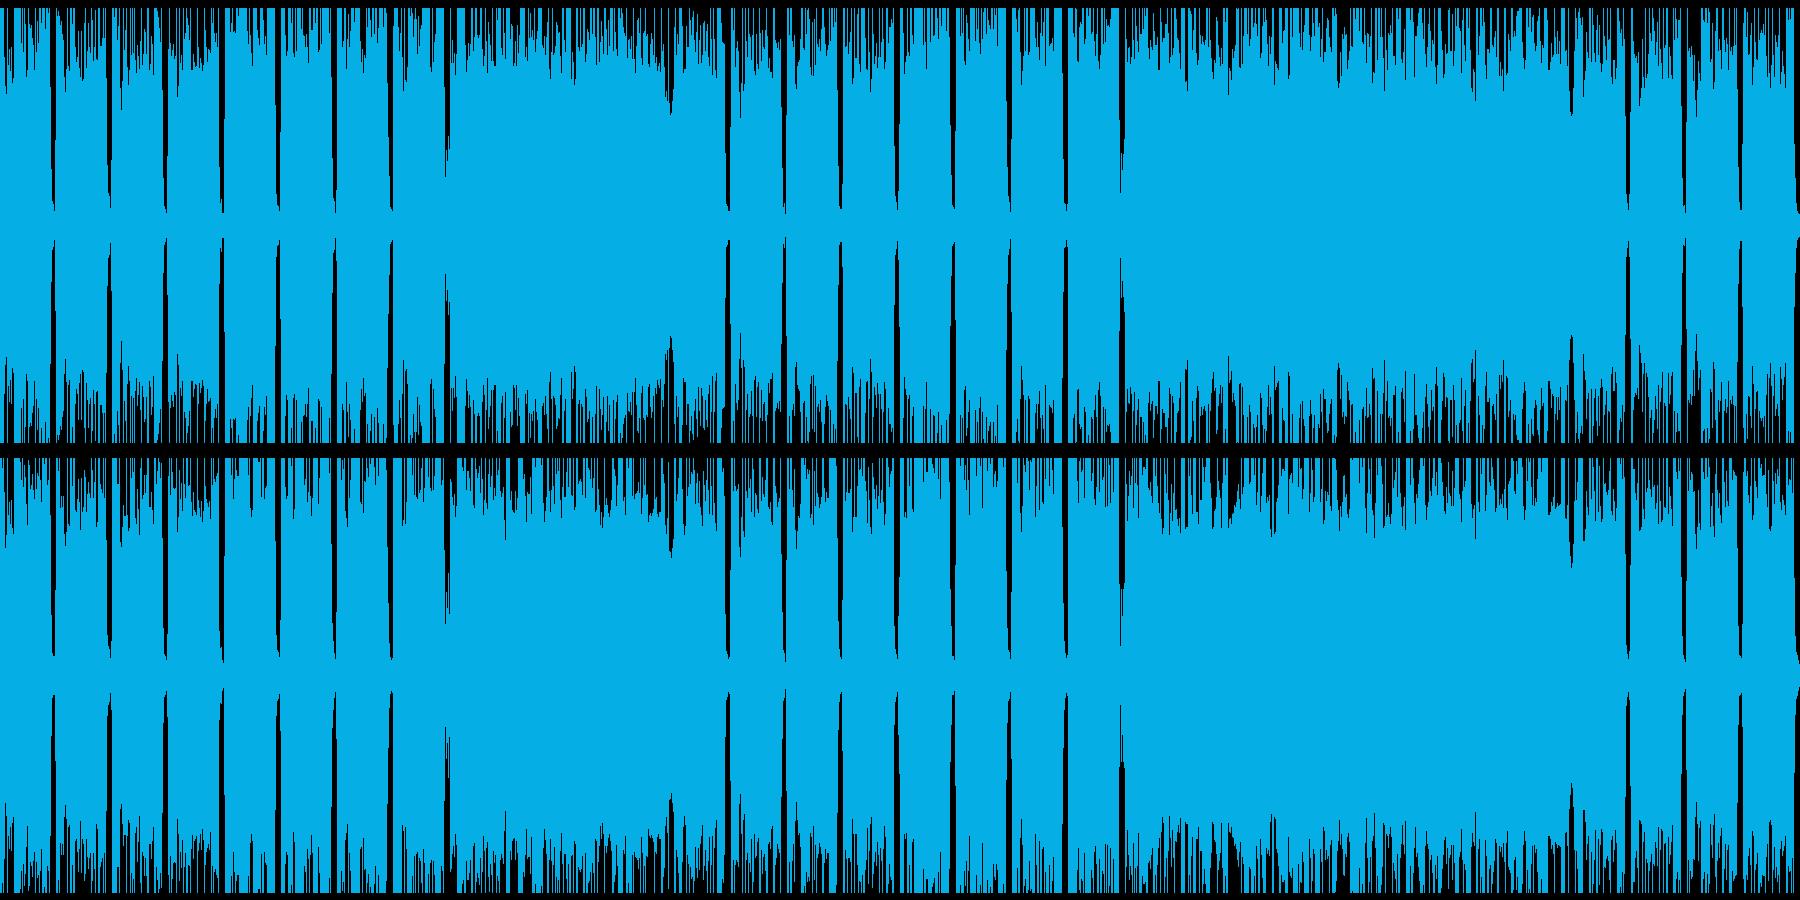 ループできるパンクロックの再生済みの波形